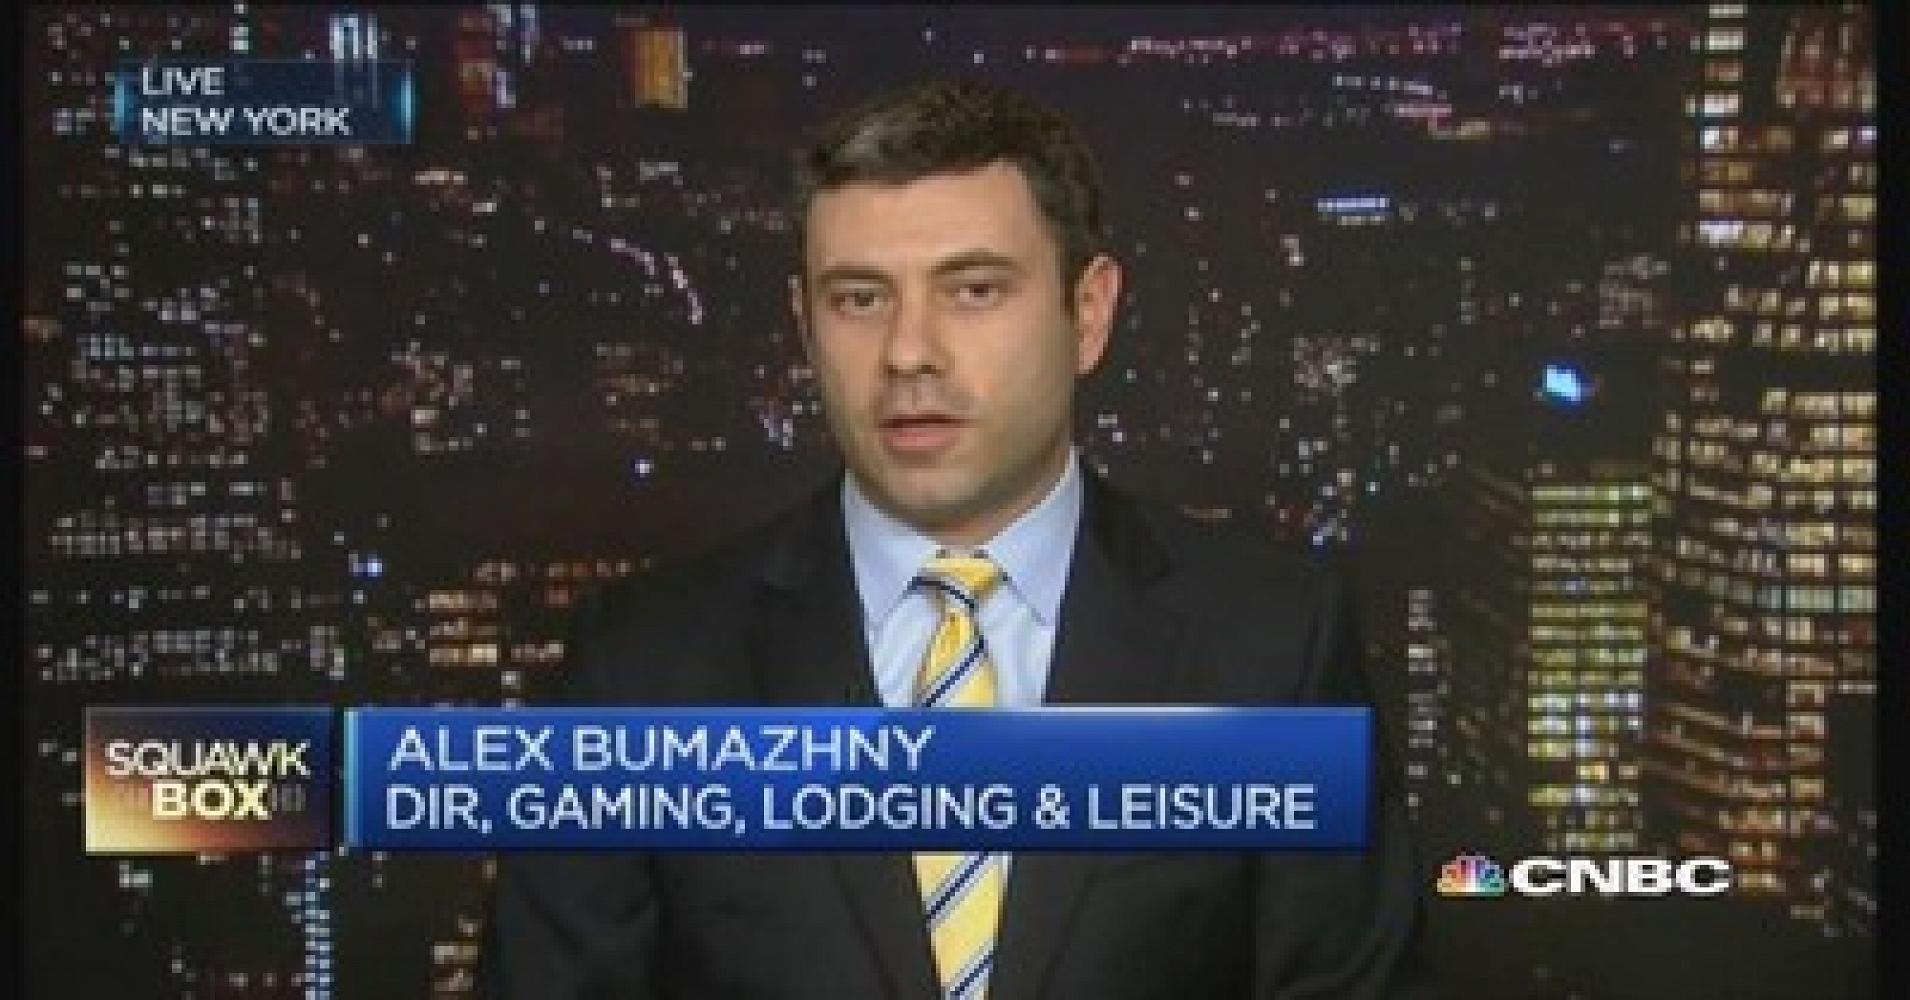 Alex Bumazhny